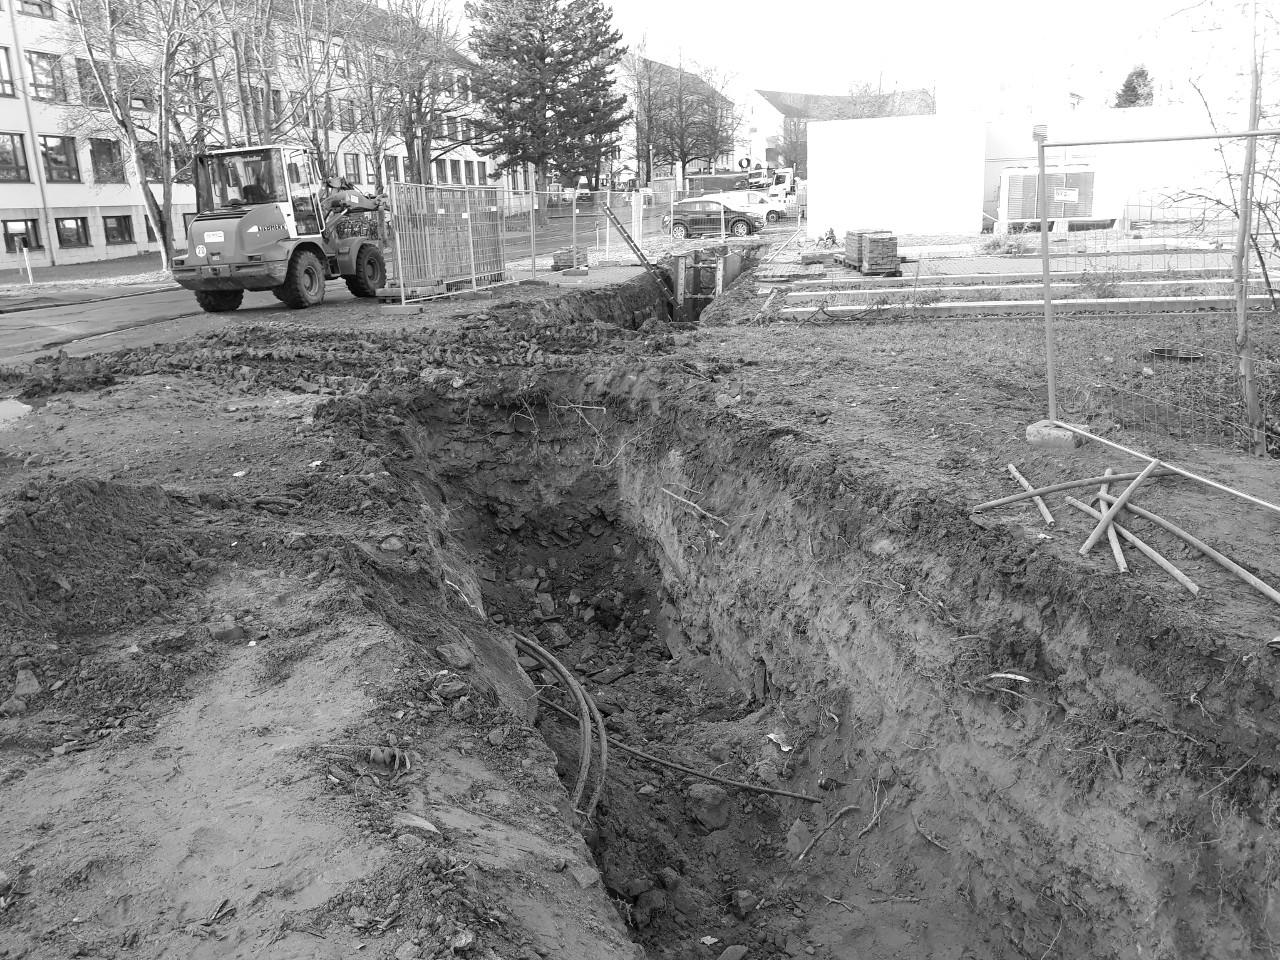 Clemens-Winkler-Bau (CWB) der TU BAF